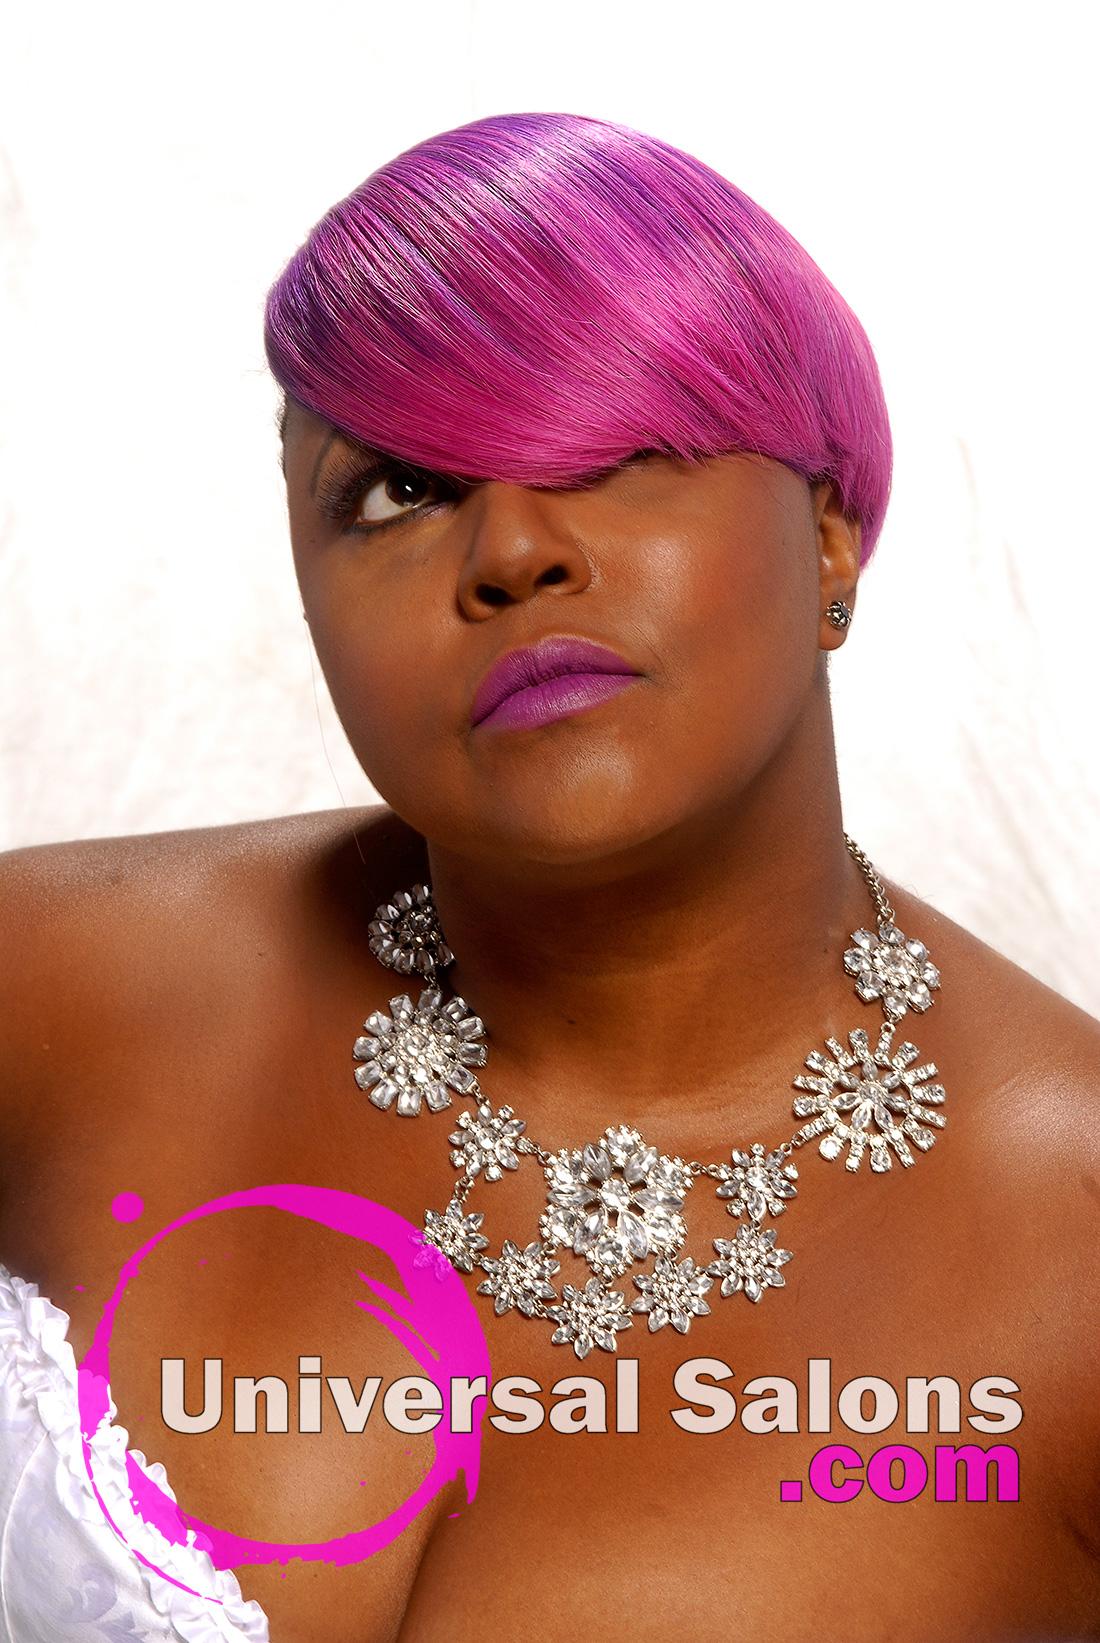 Salon For Black Women 11